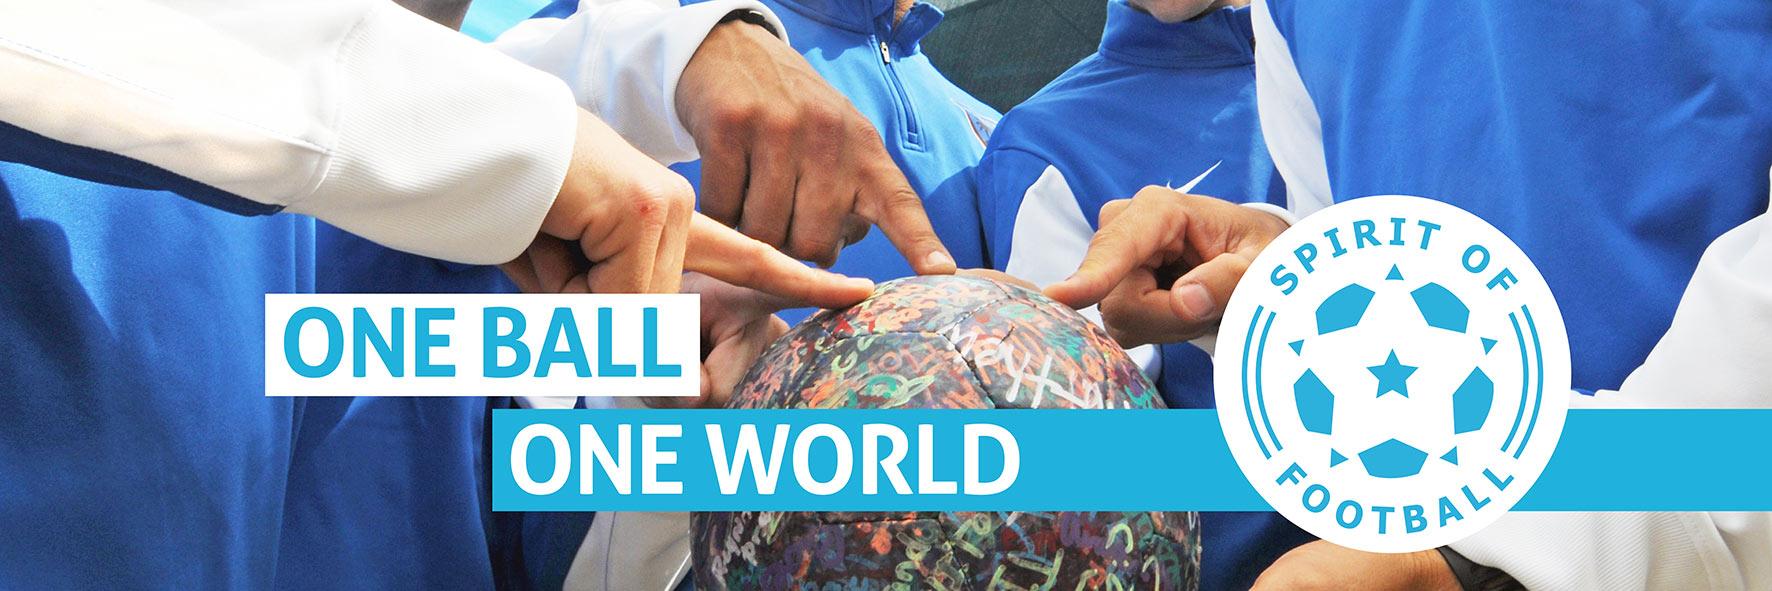 One Ball One World viele Hände